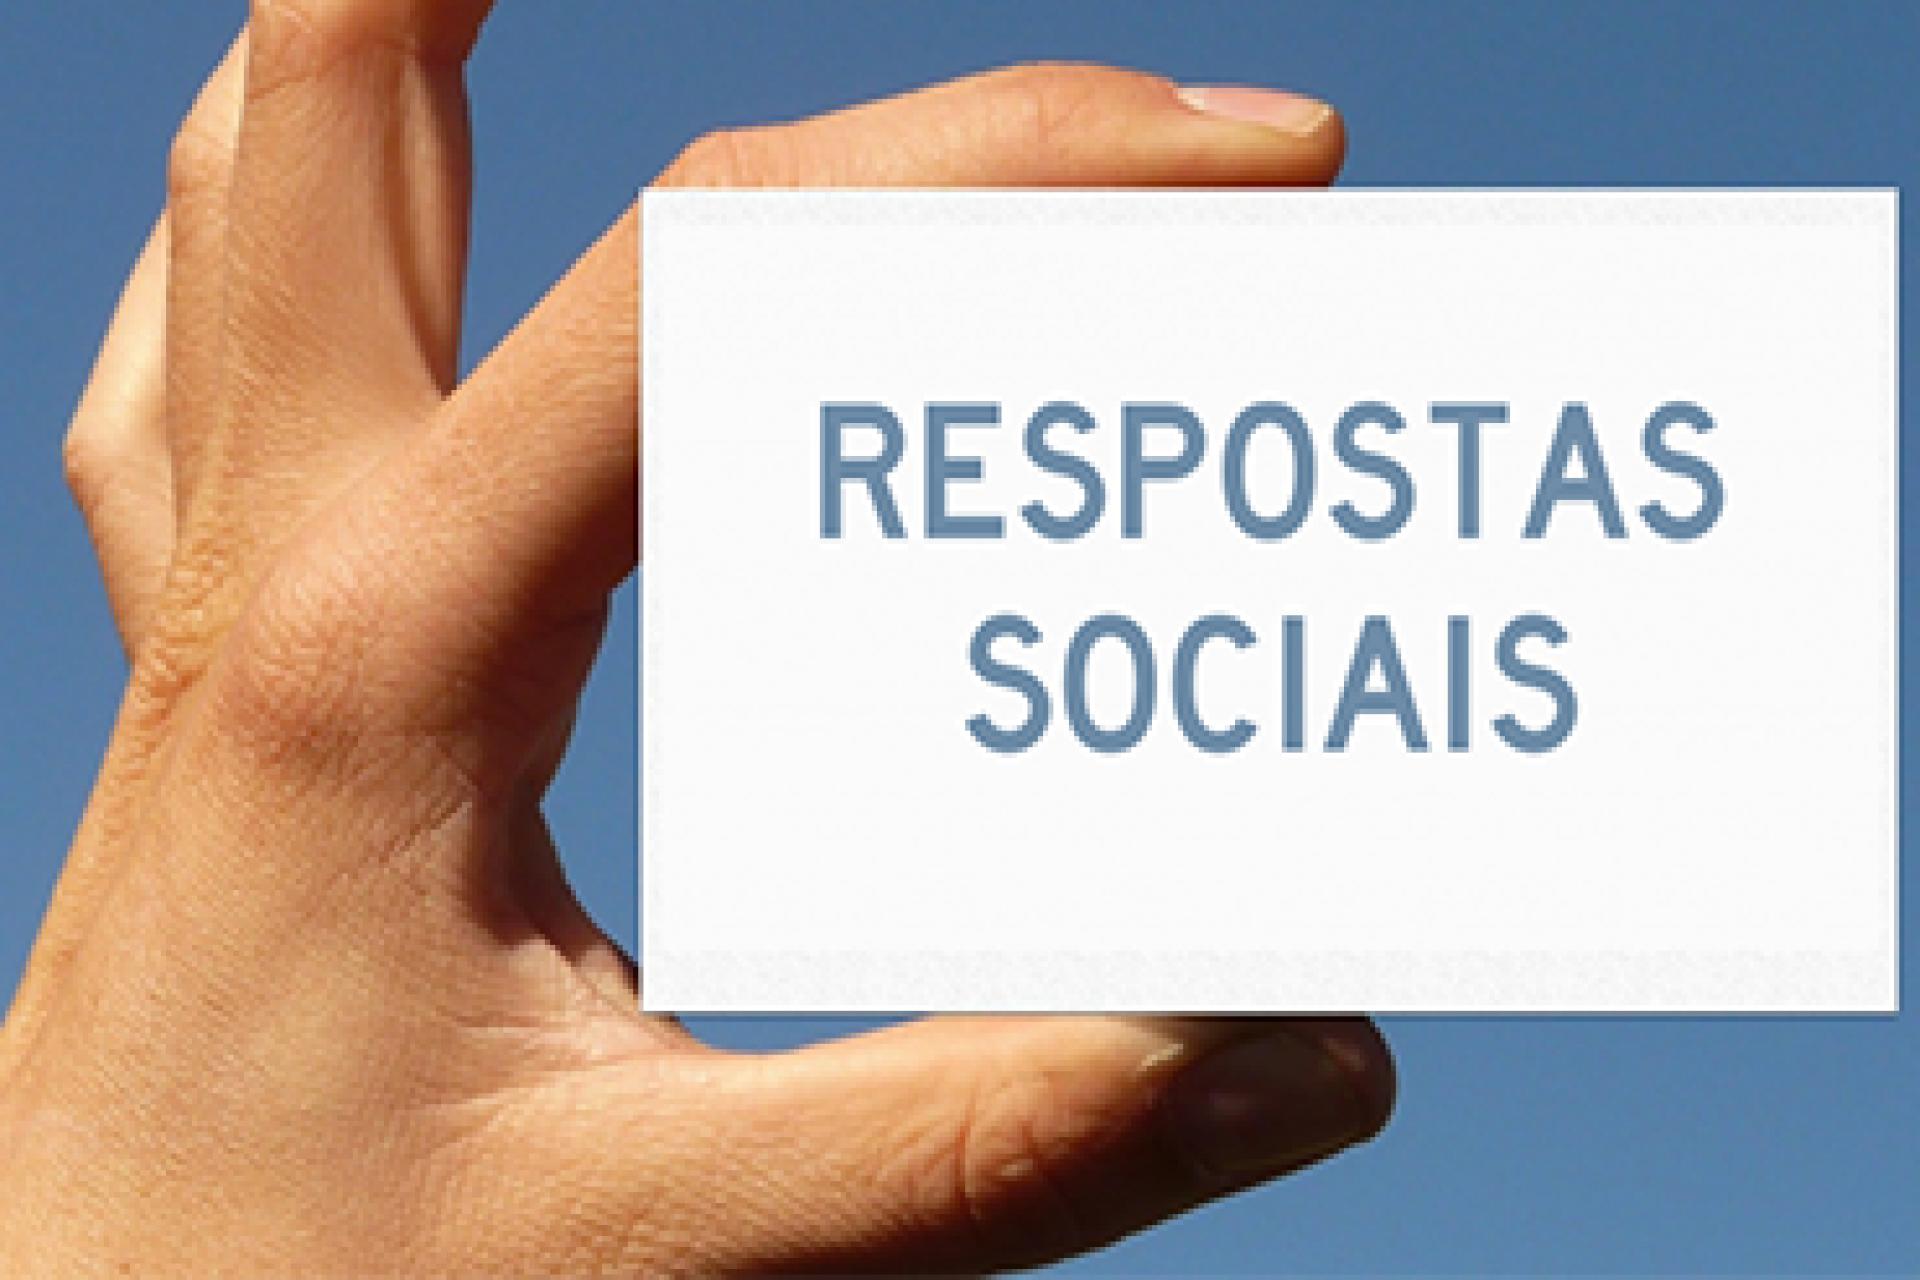 Respostas Sociais